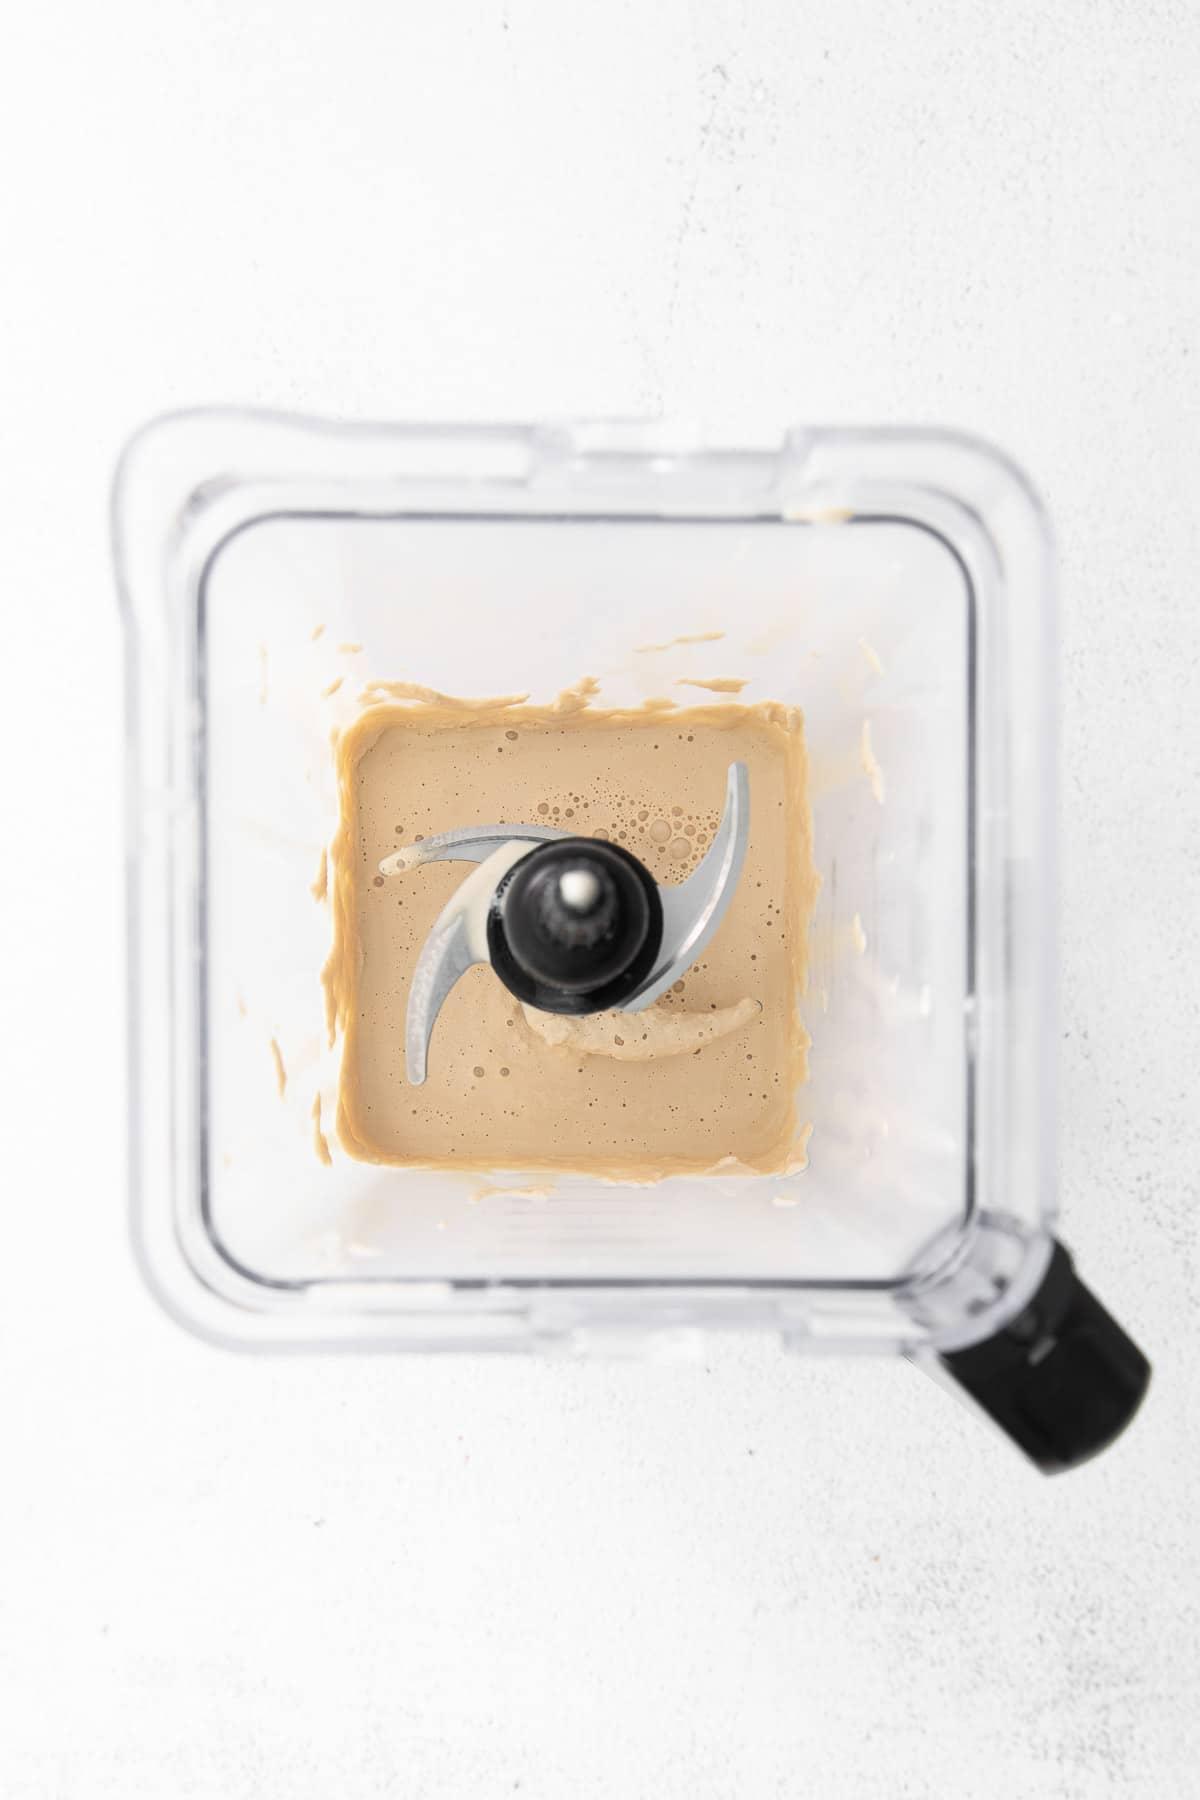 coffee milkshake in a blender